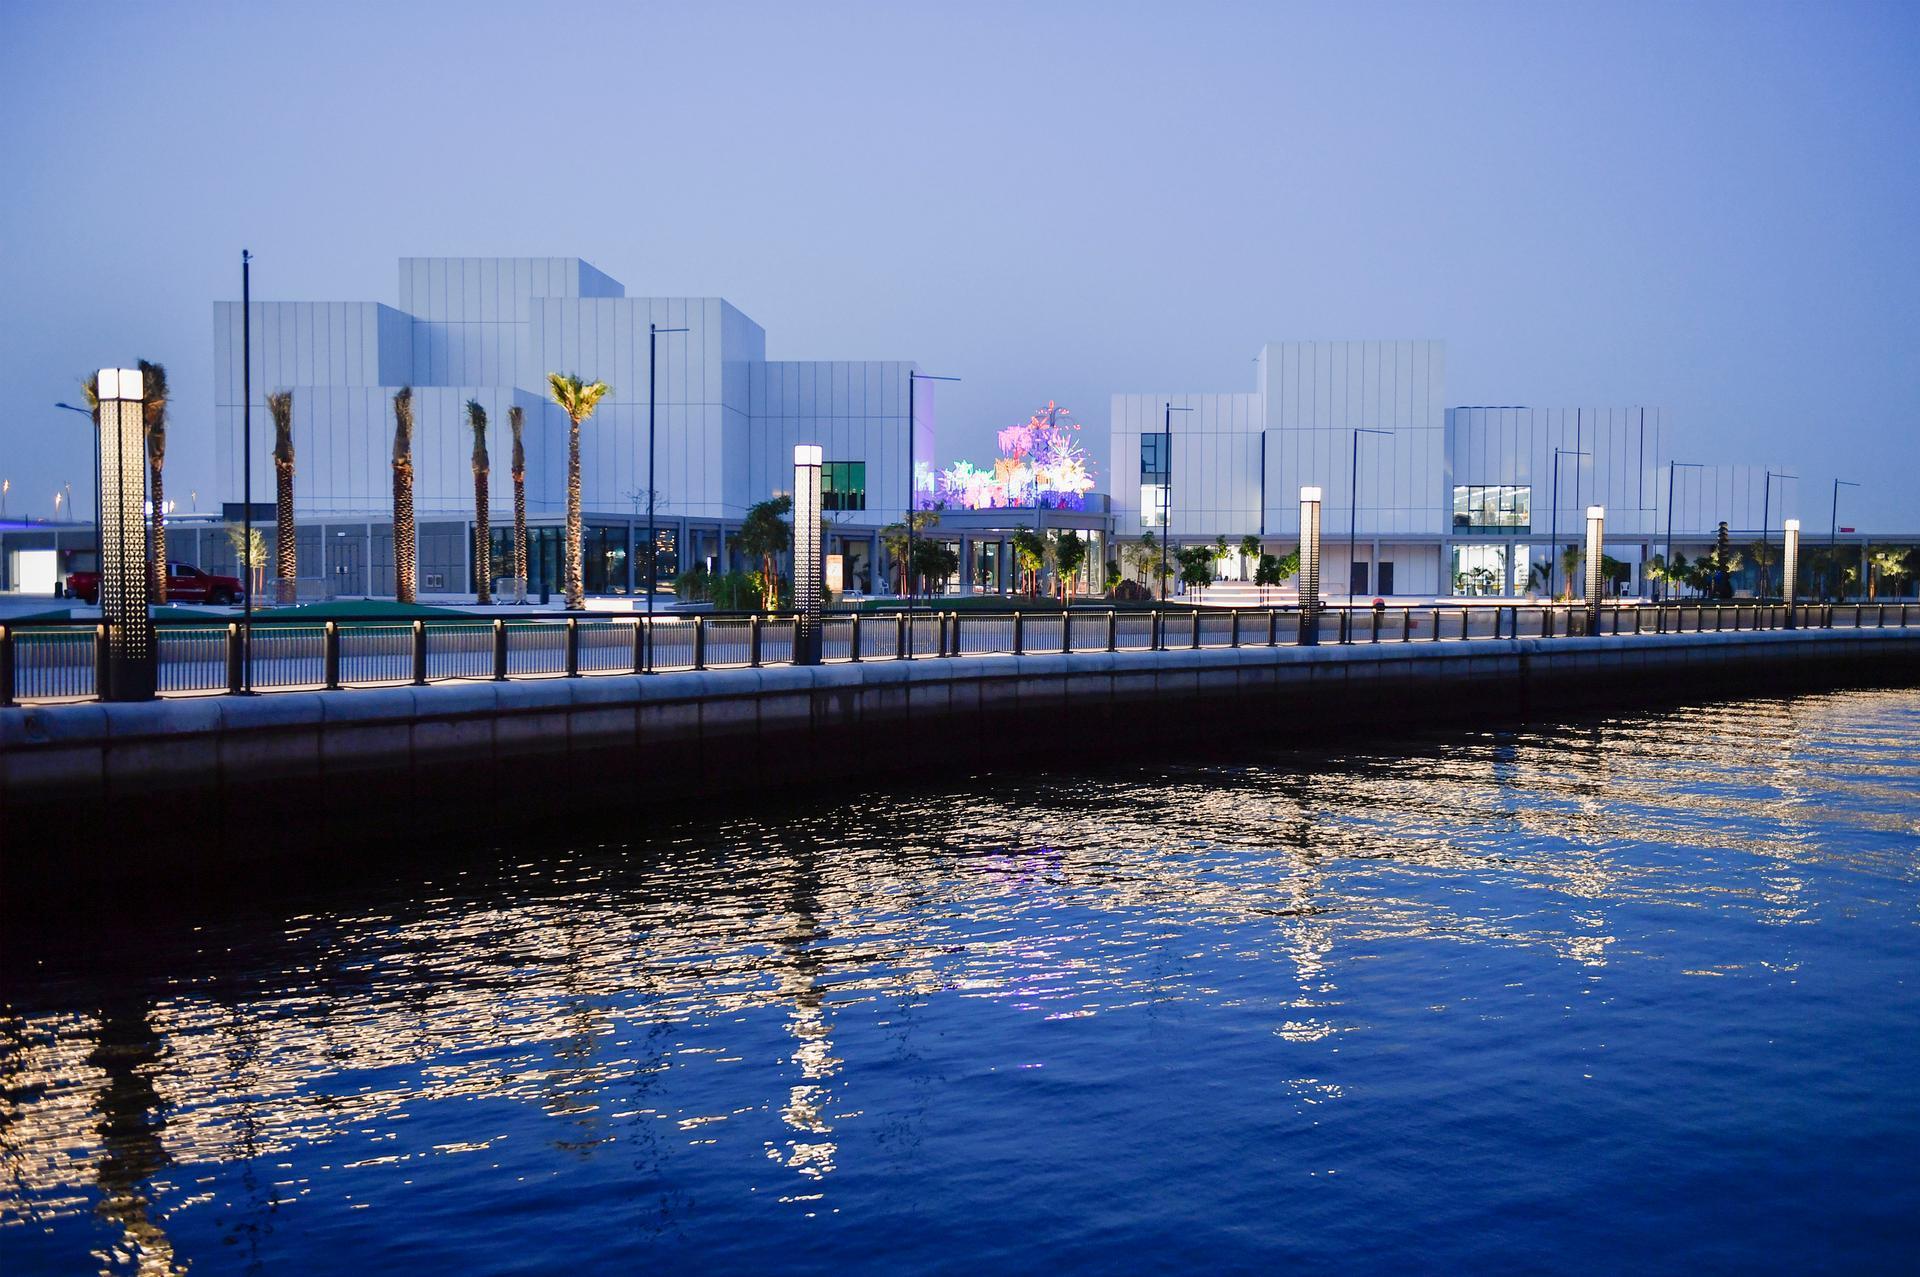 مركز جميل الفنيأول مؤسسة فنية معاصرة في دبي